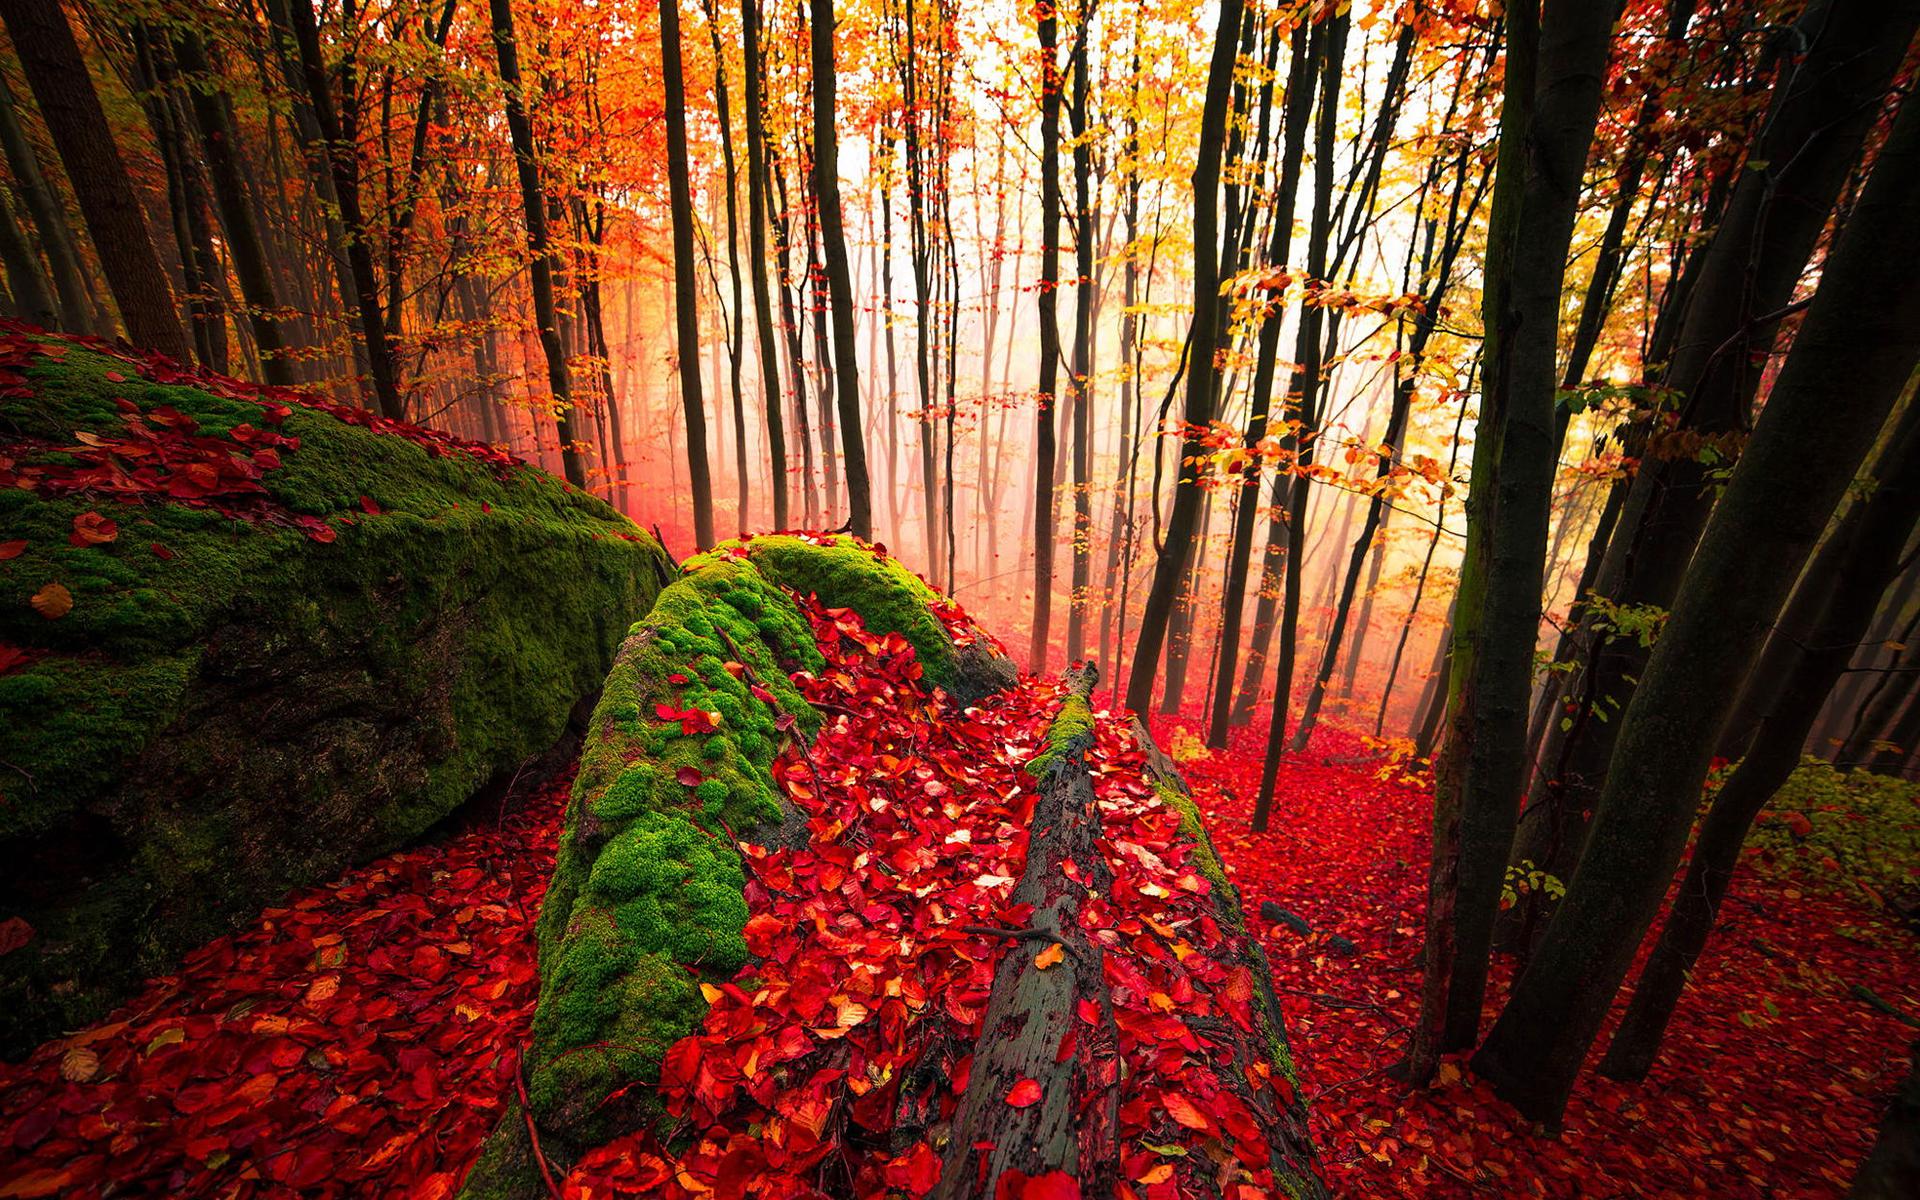 необычные картинки аллея красные деревья дал